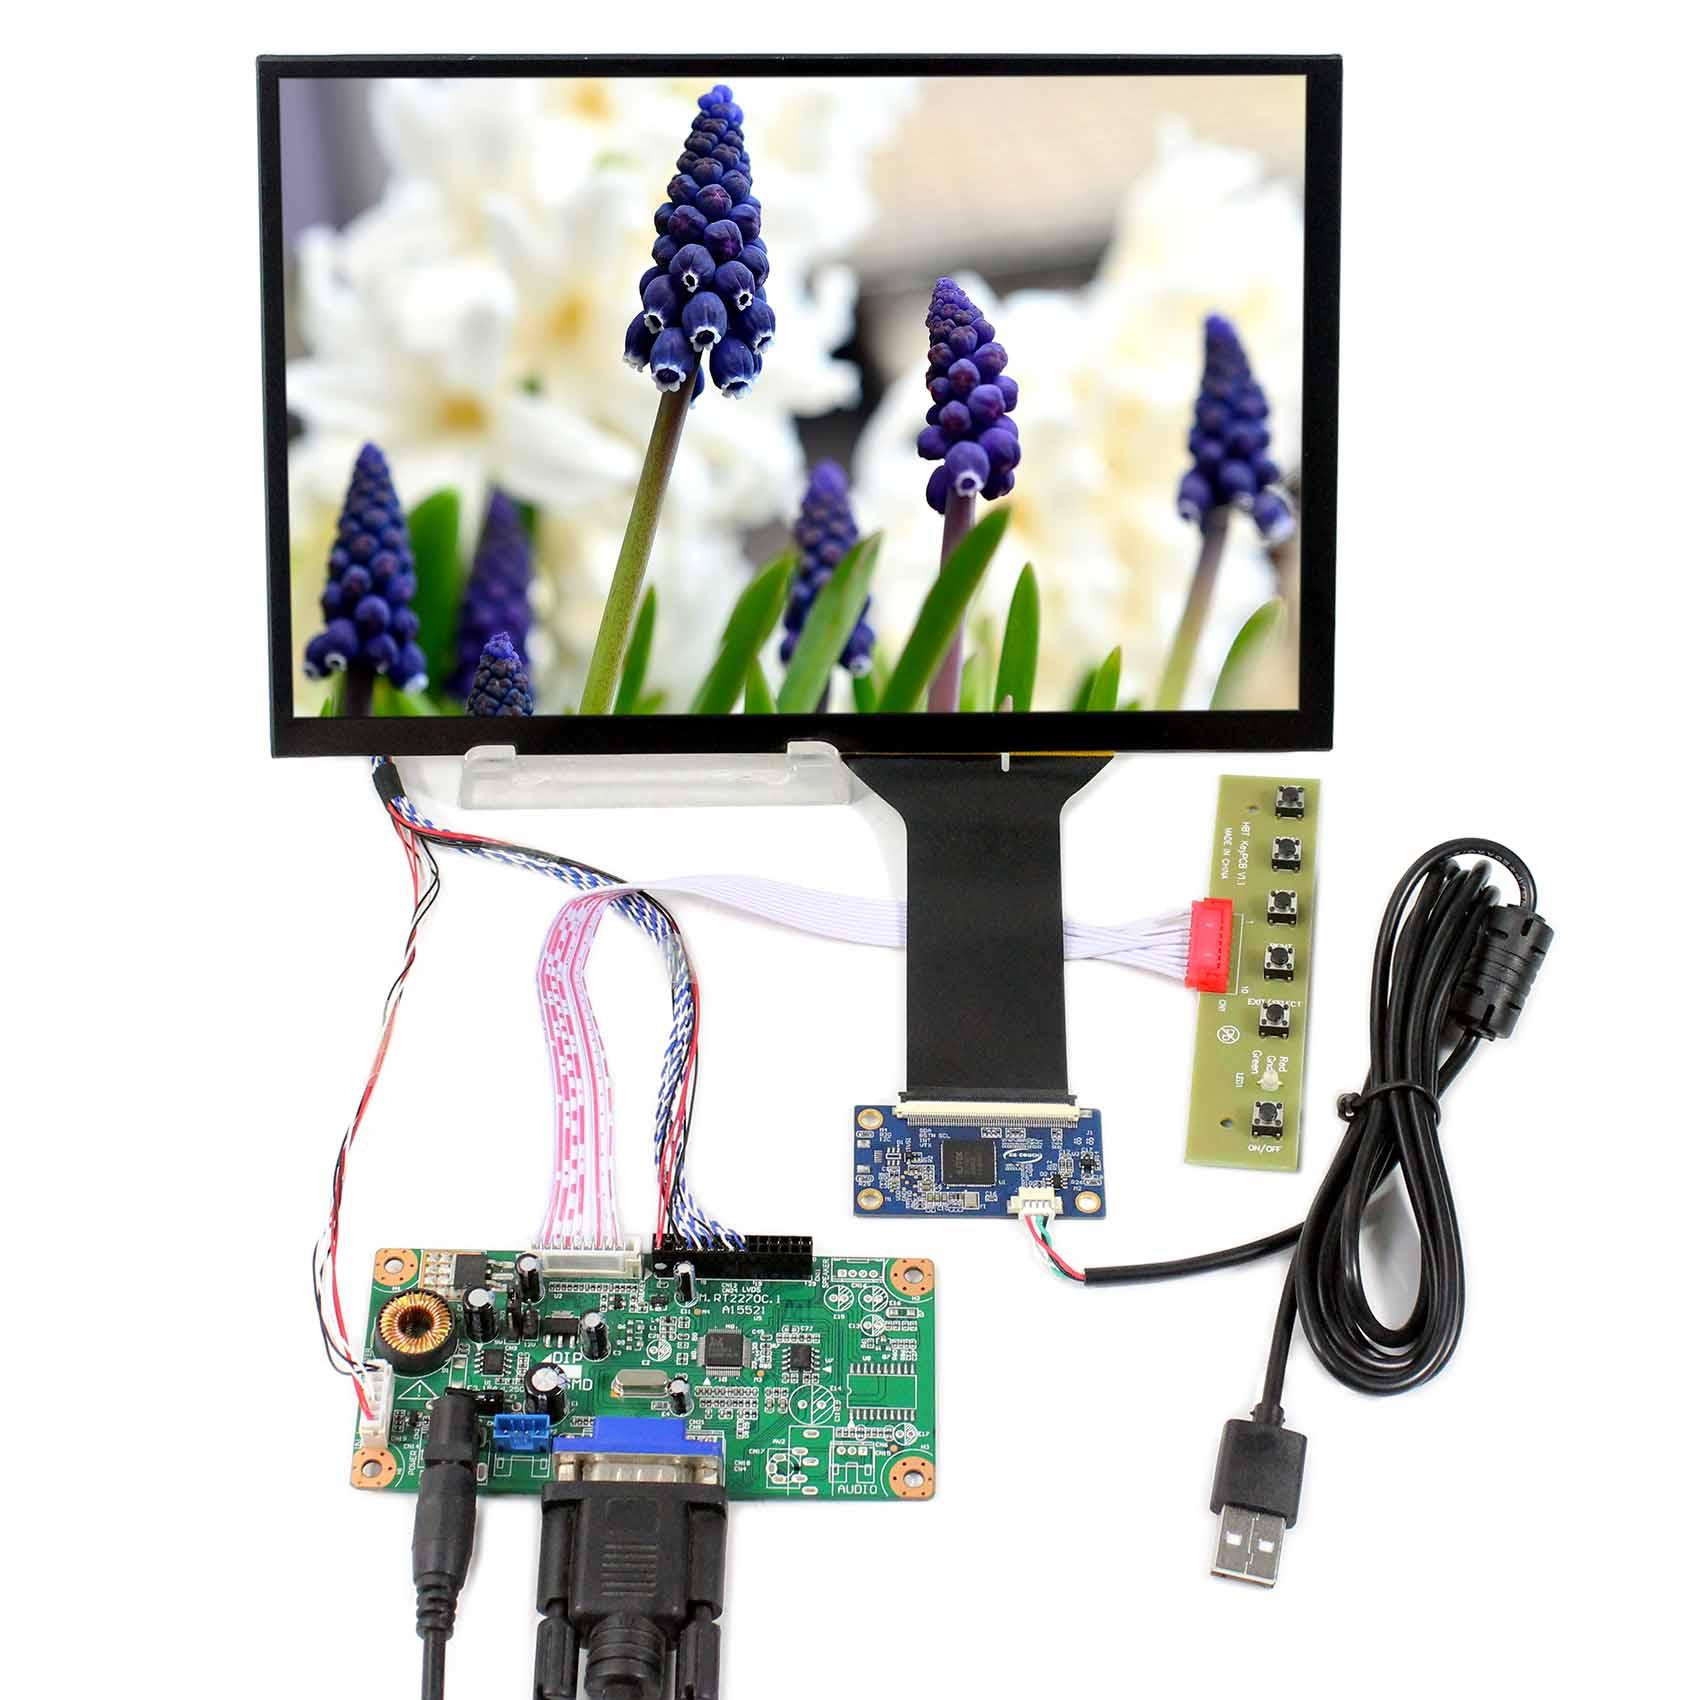 10.1 pollici 1280X800 Schermo LCD M101NWWB Con Pannello Touch Capacitivo e VGA LCD Scheda del Controller10.1 pollici 1280X800 Schermo LCD M101NWWB Con Pannello Touch Capacitivo e VGA LCD Scheda del Controller